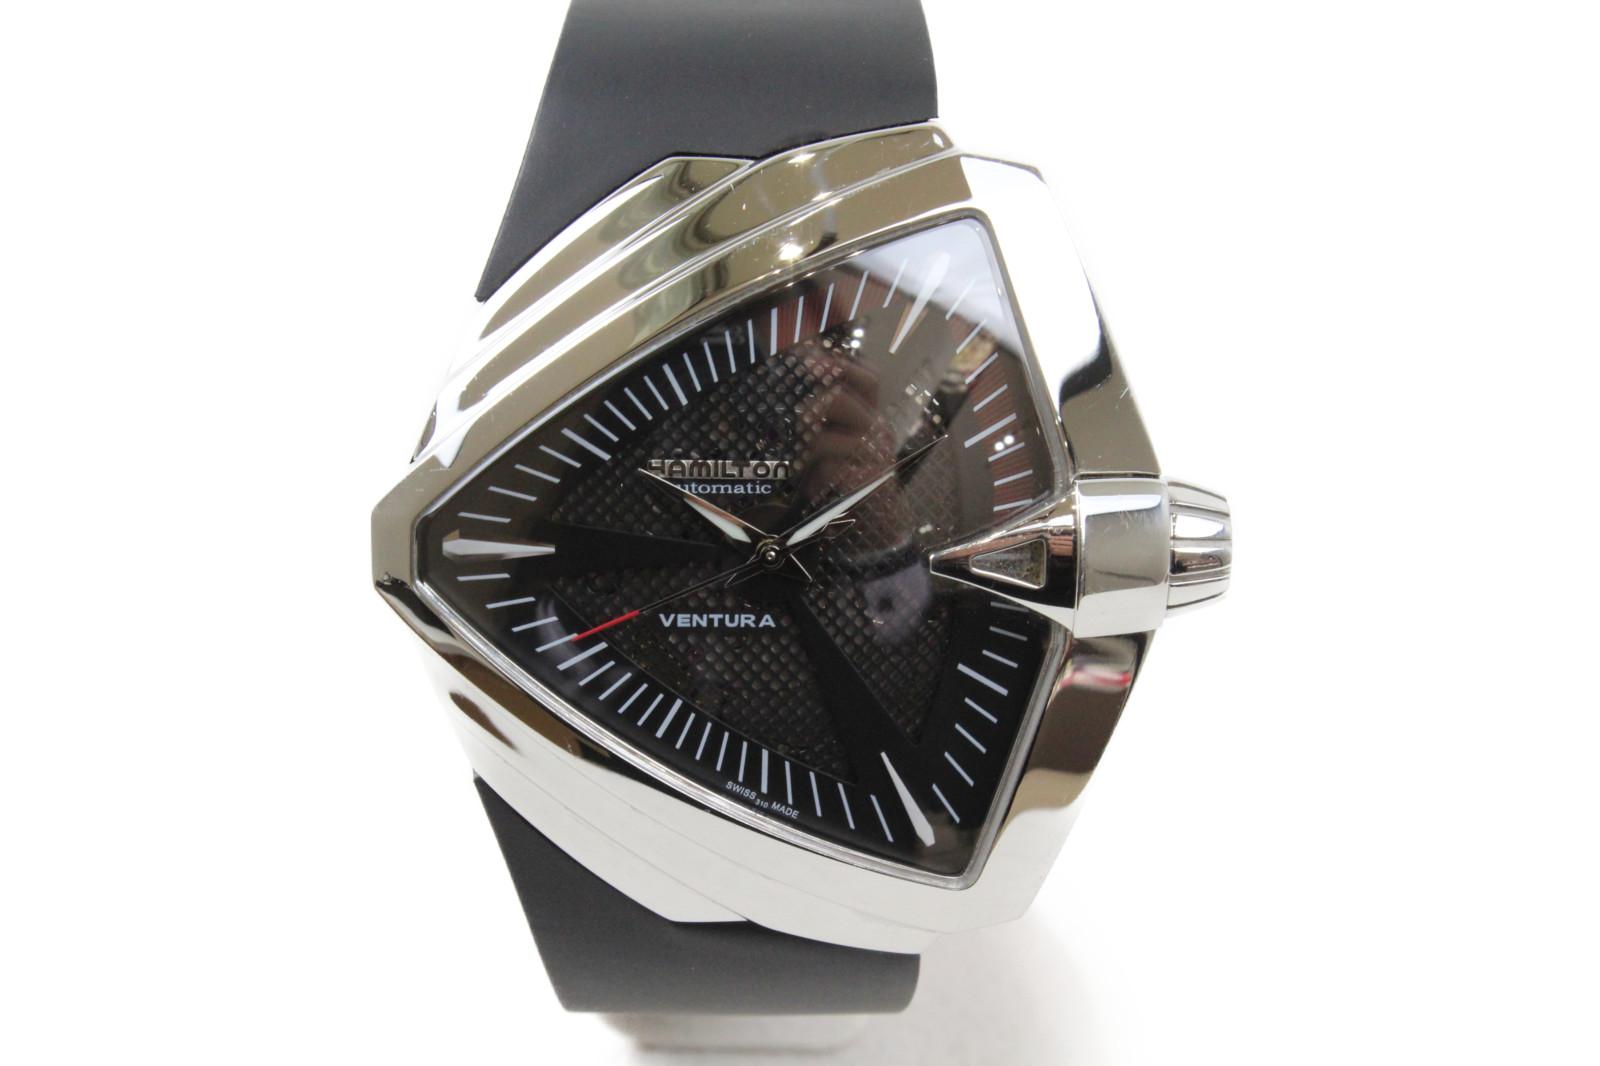 HAMILTON ハミルトン ベンチュラXXL H246551 自動巻き SS ステンレススチール ラバー ブラック メンズ 腕時計【中古】